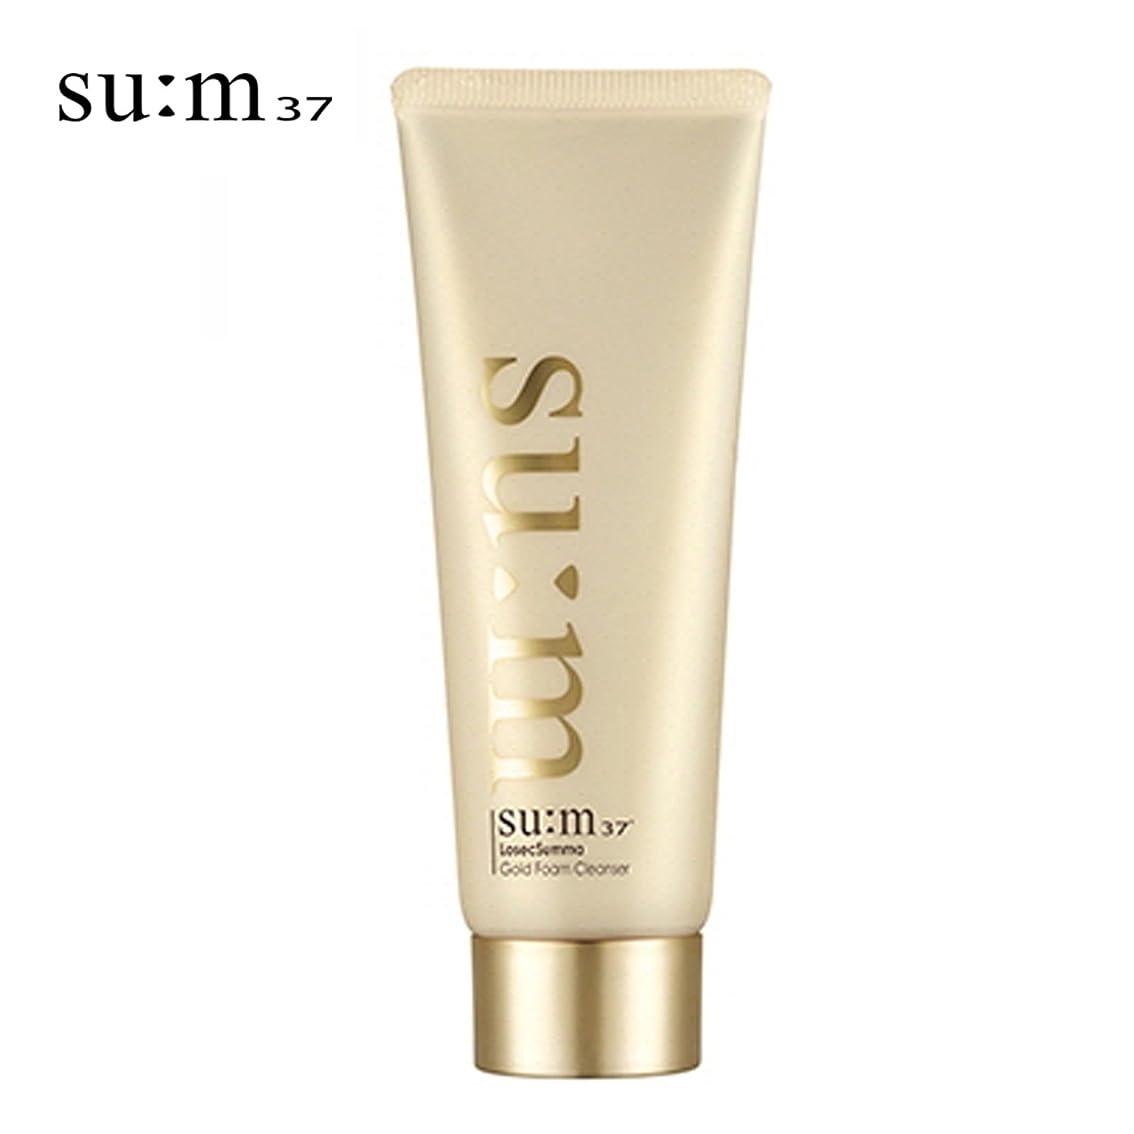 蒸気豊富なプーノ[su:m37/スム37°]Sum37 でシック スムマ エリクサーフォーム クレンザー / スム37 LosecSumma Elixir Foam Cleanser+ [Sample Gift](海外直送品)